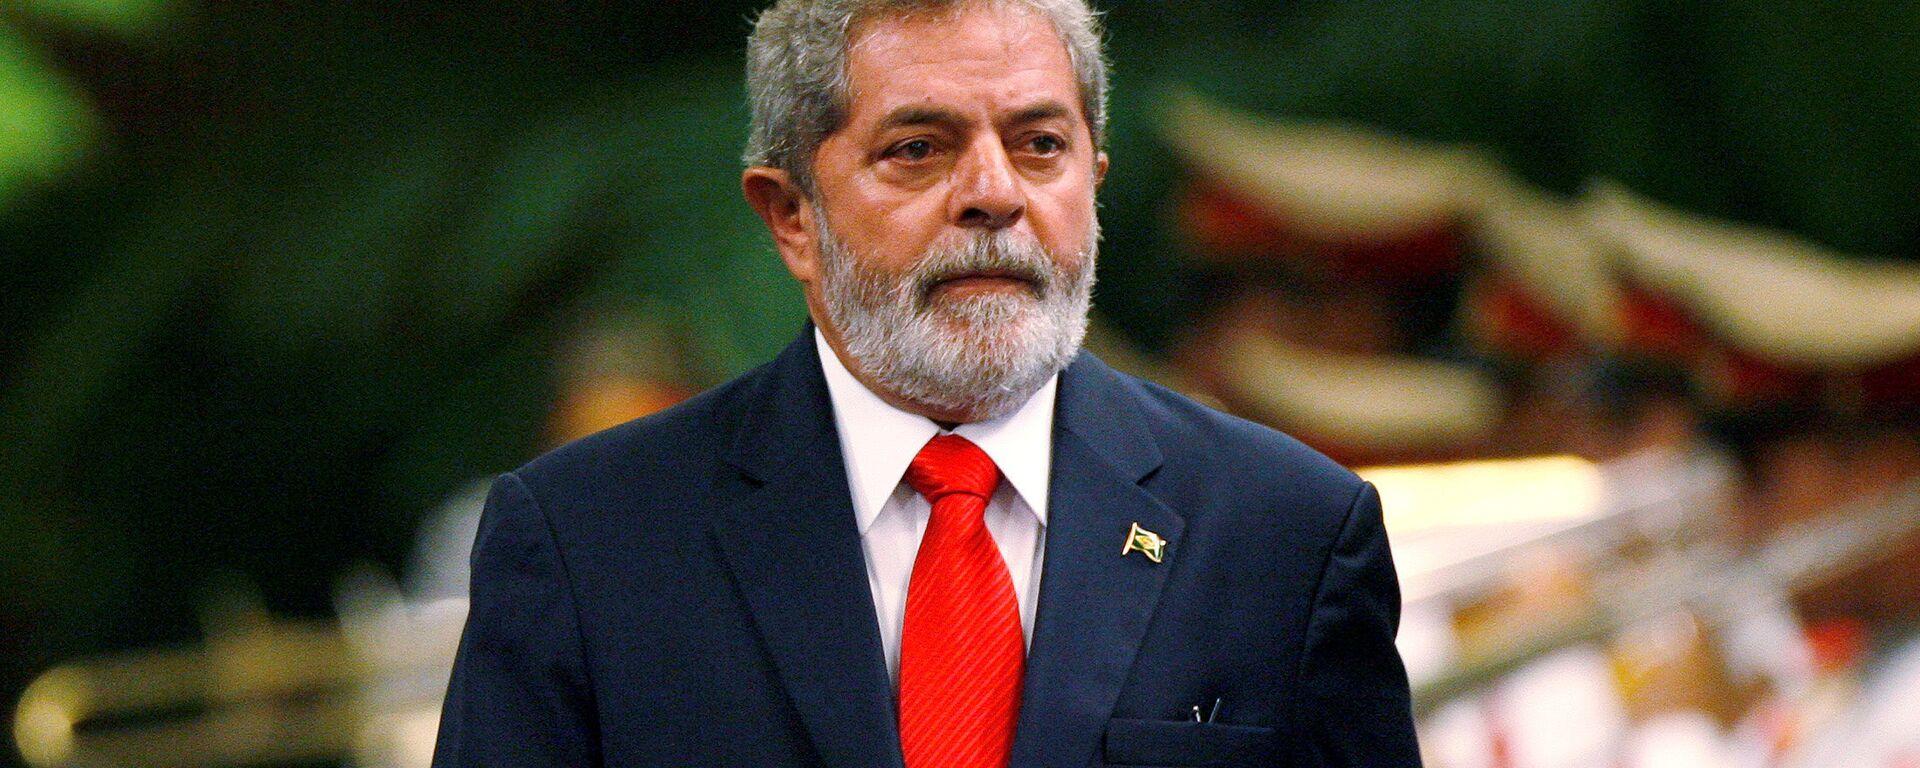 Luiz Inácio Lula da Silva, expresidente brasileño - Sputnik Mundo, 1920, 10.03.2021